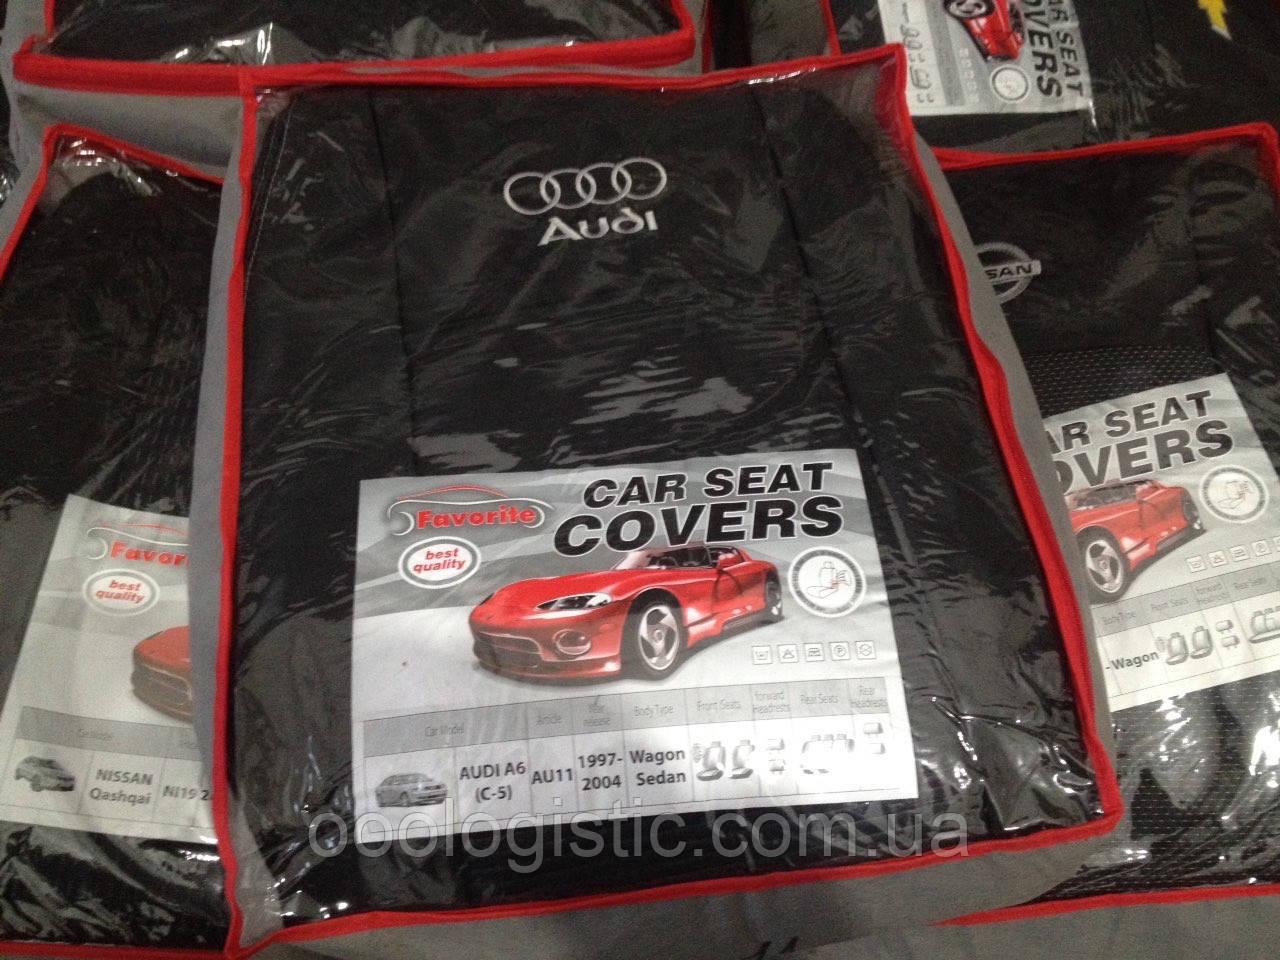 Авточехлы Favorite на Audi A6(C-5) 1997-2004 wagon,sedan ,Audi A6(C-5) модельный комплект